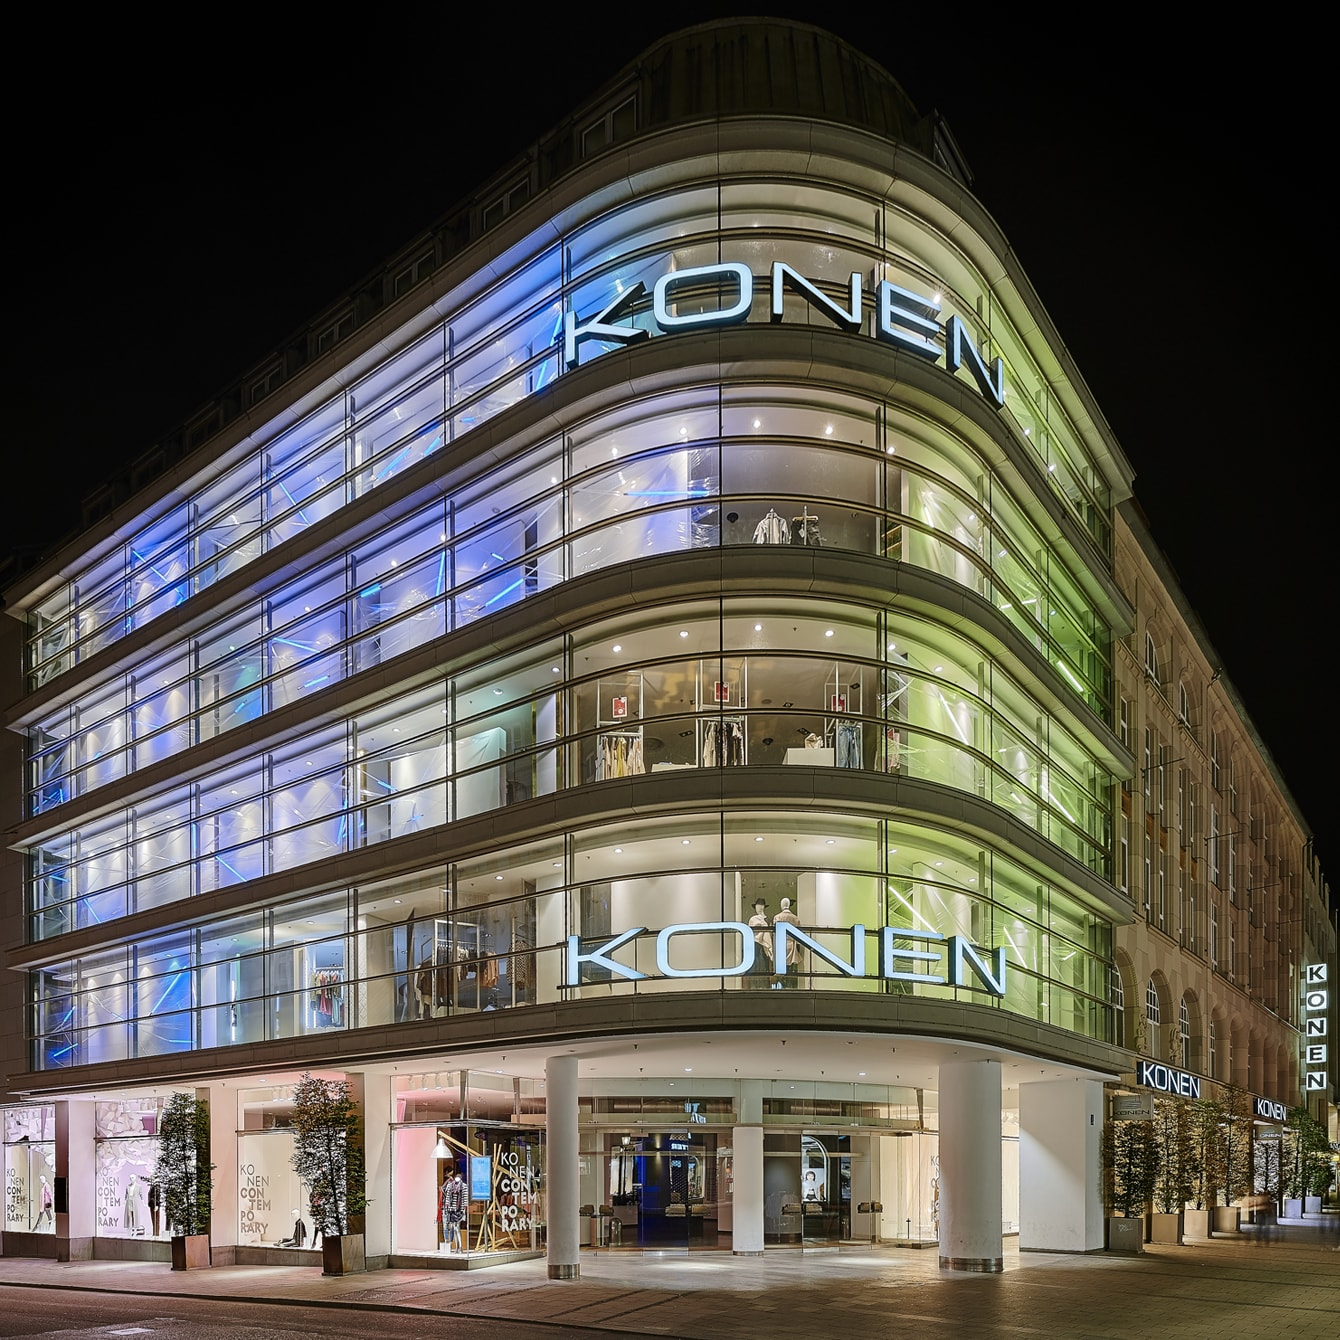 Anfahrt & Öffnungszeiten KONEN Ihr Modehaus in München